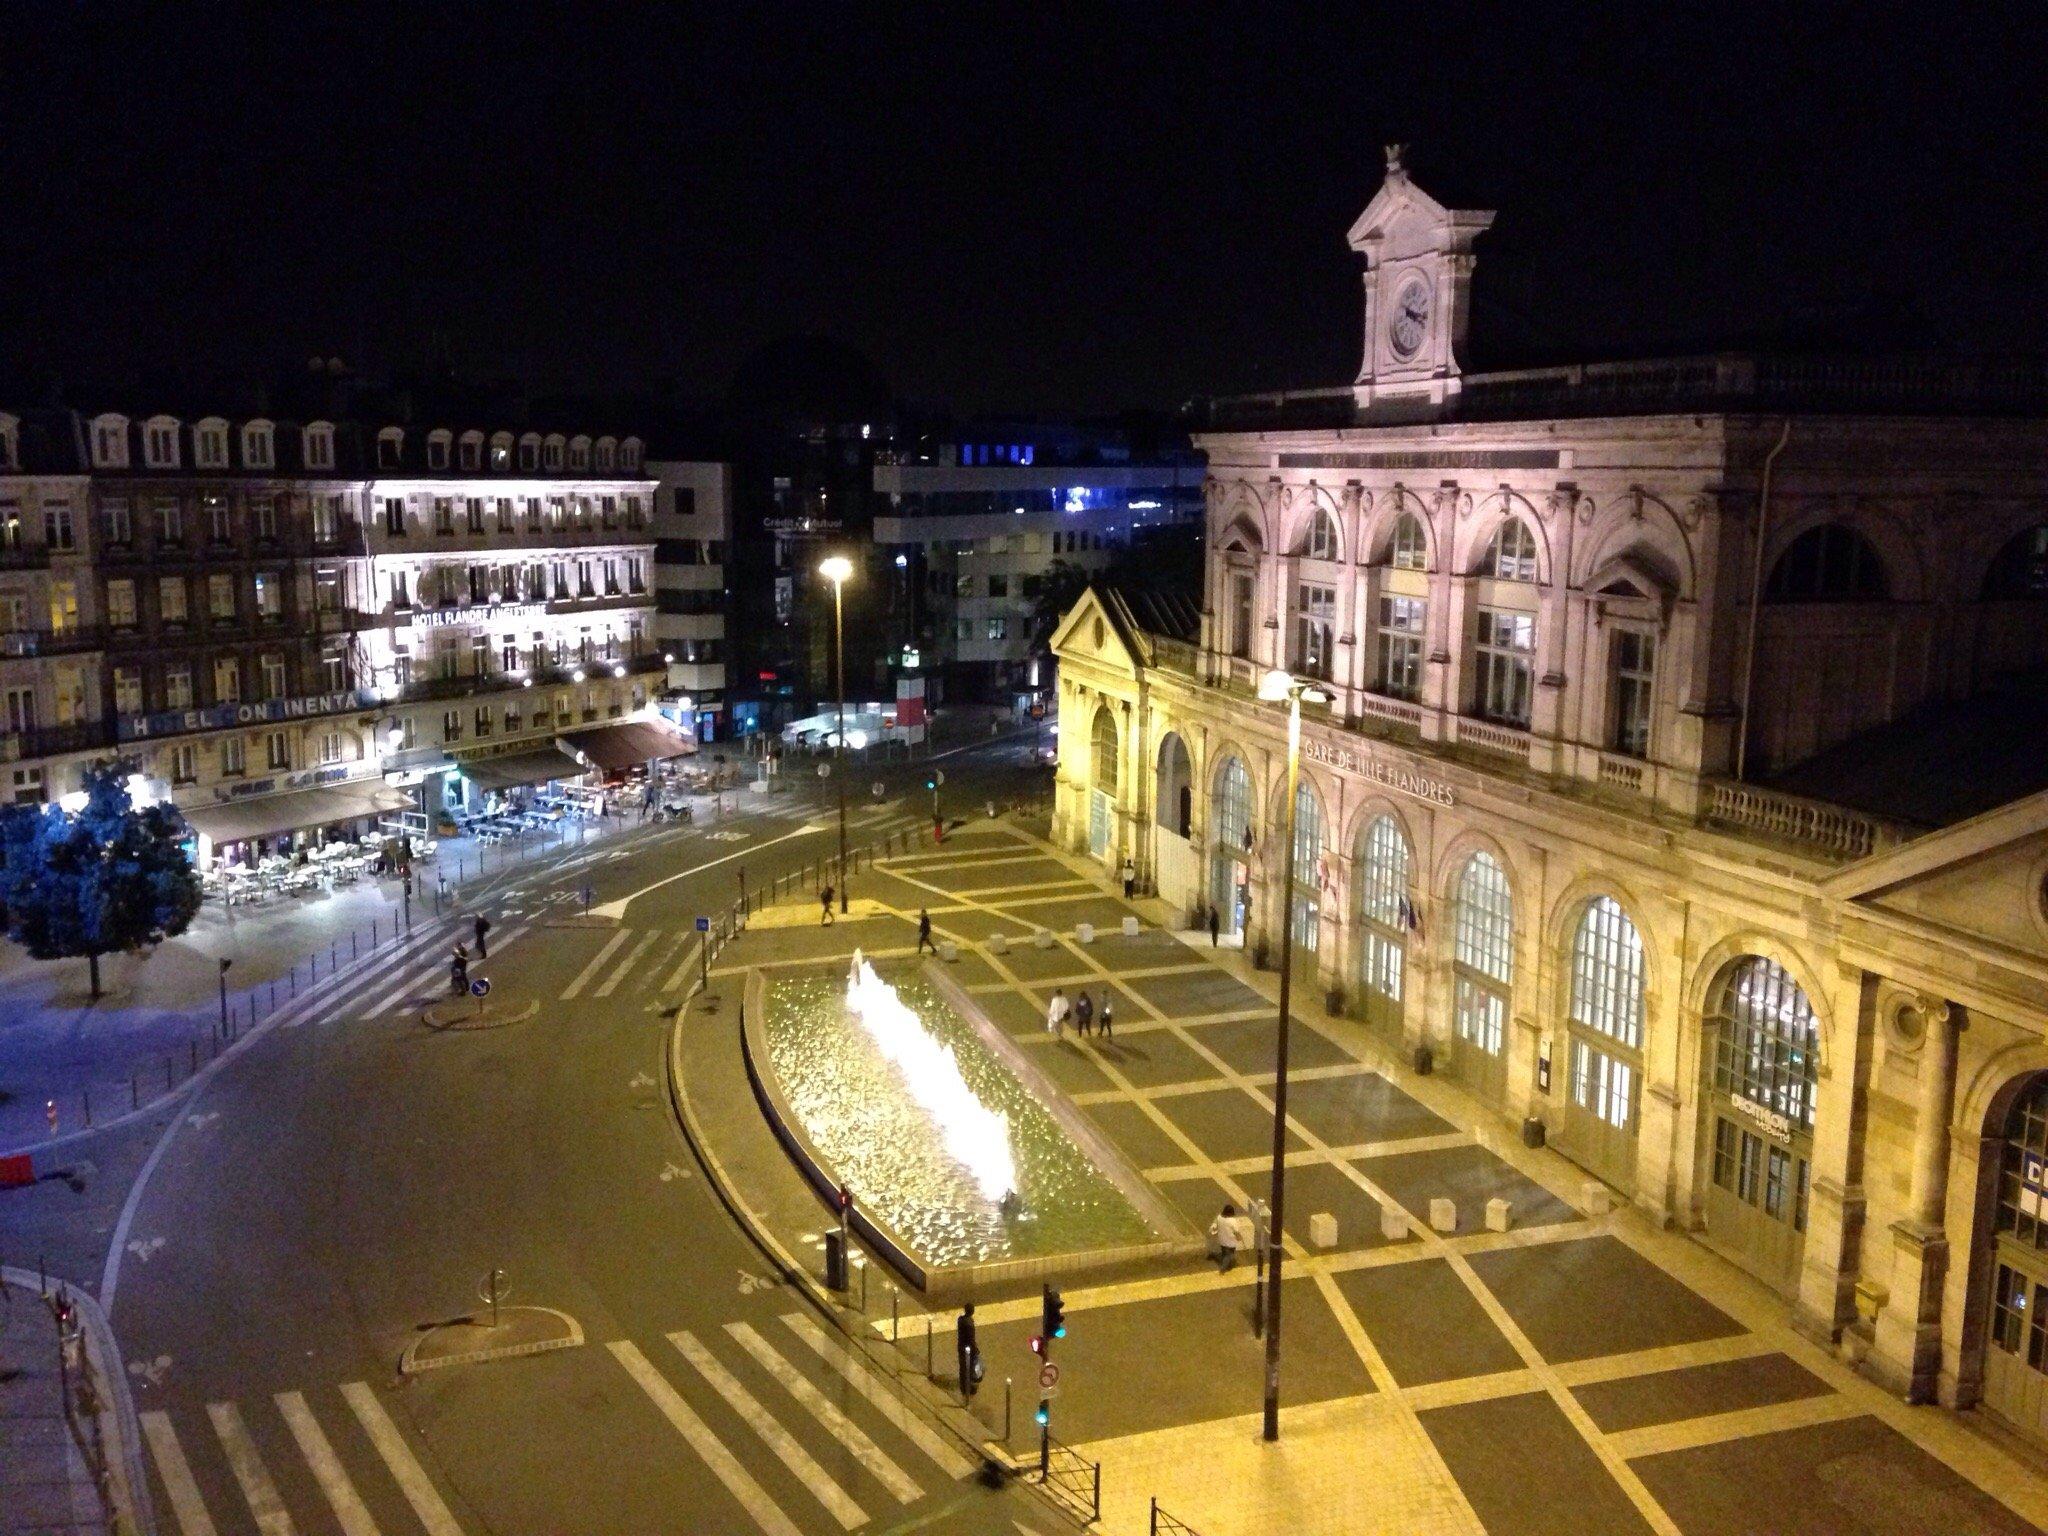 Hotel balladins Lille